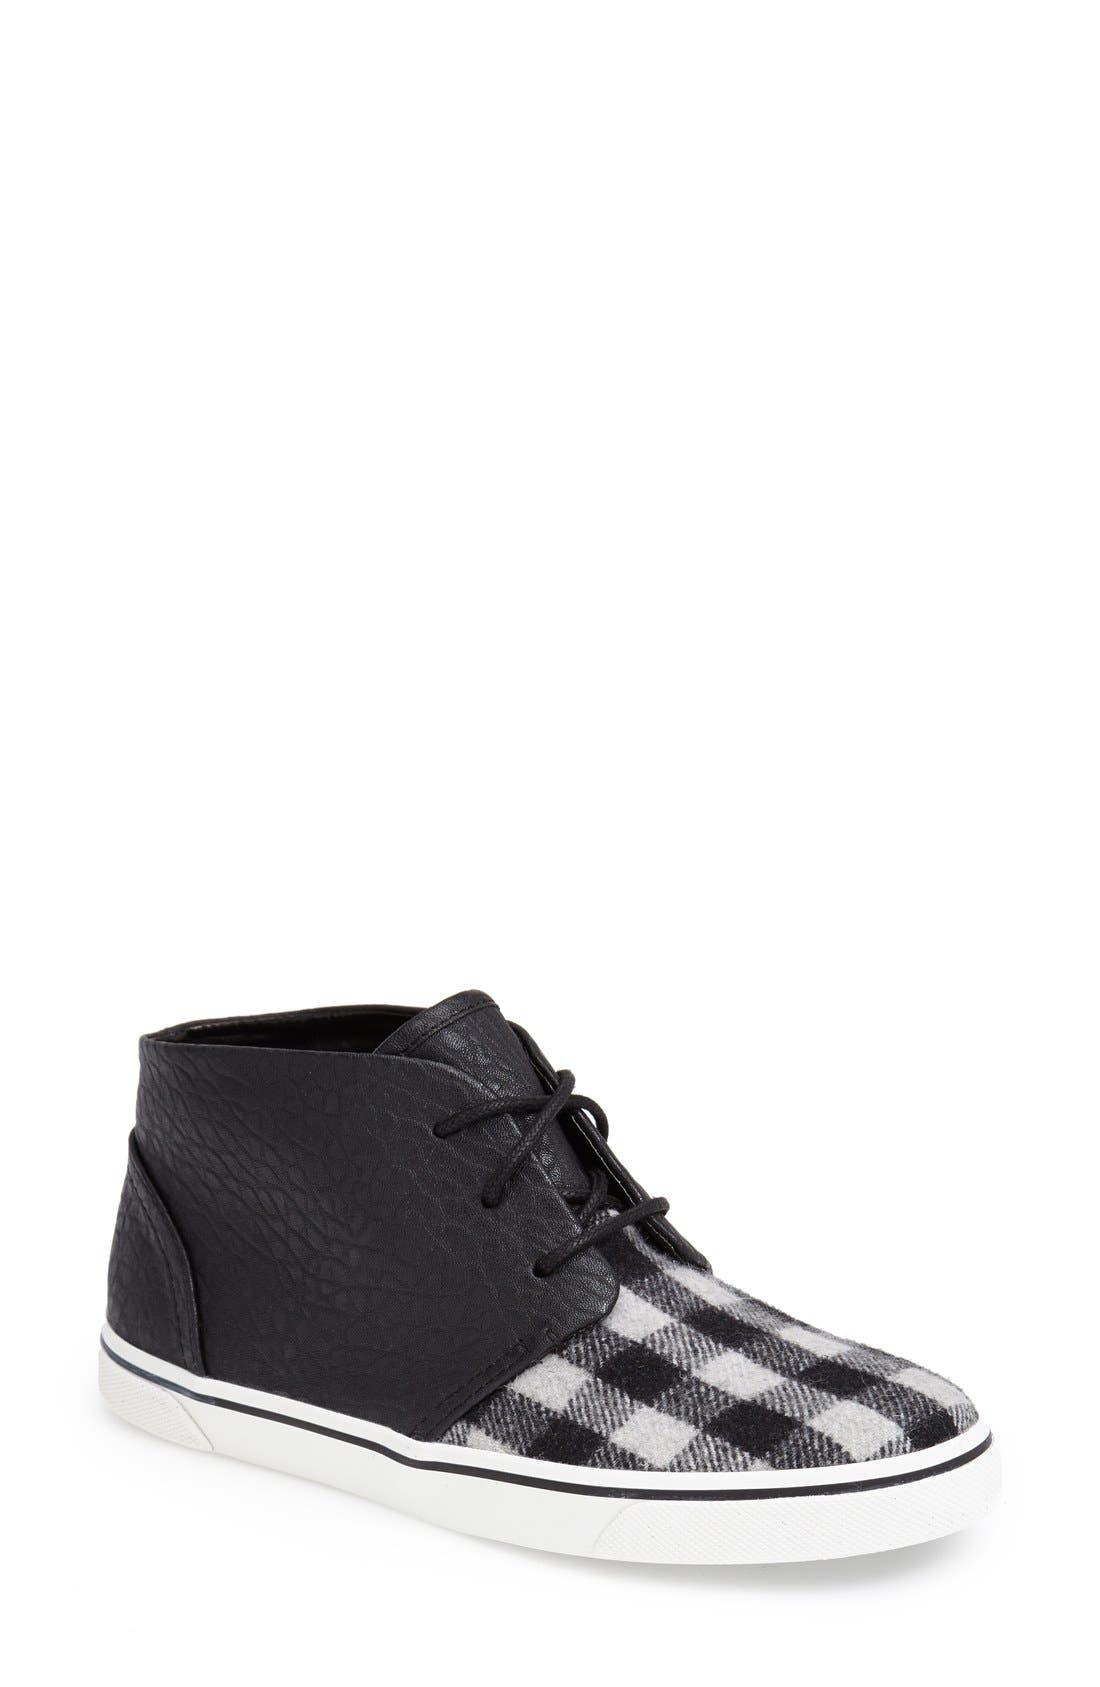 DV BY DOLCE VITA 'Giaa' Sneaker, Main, color, 020